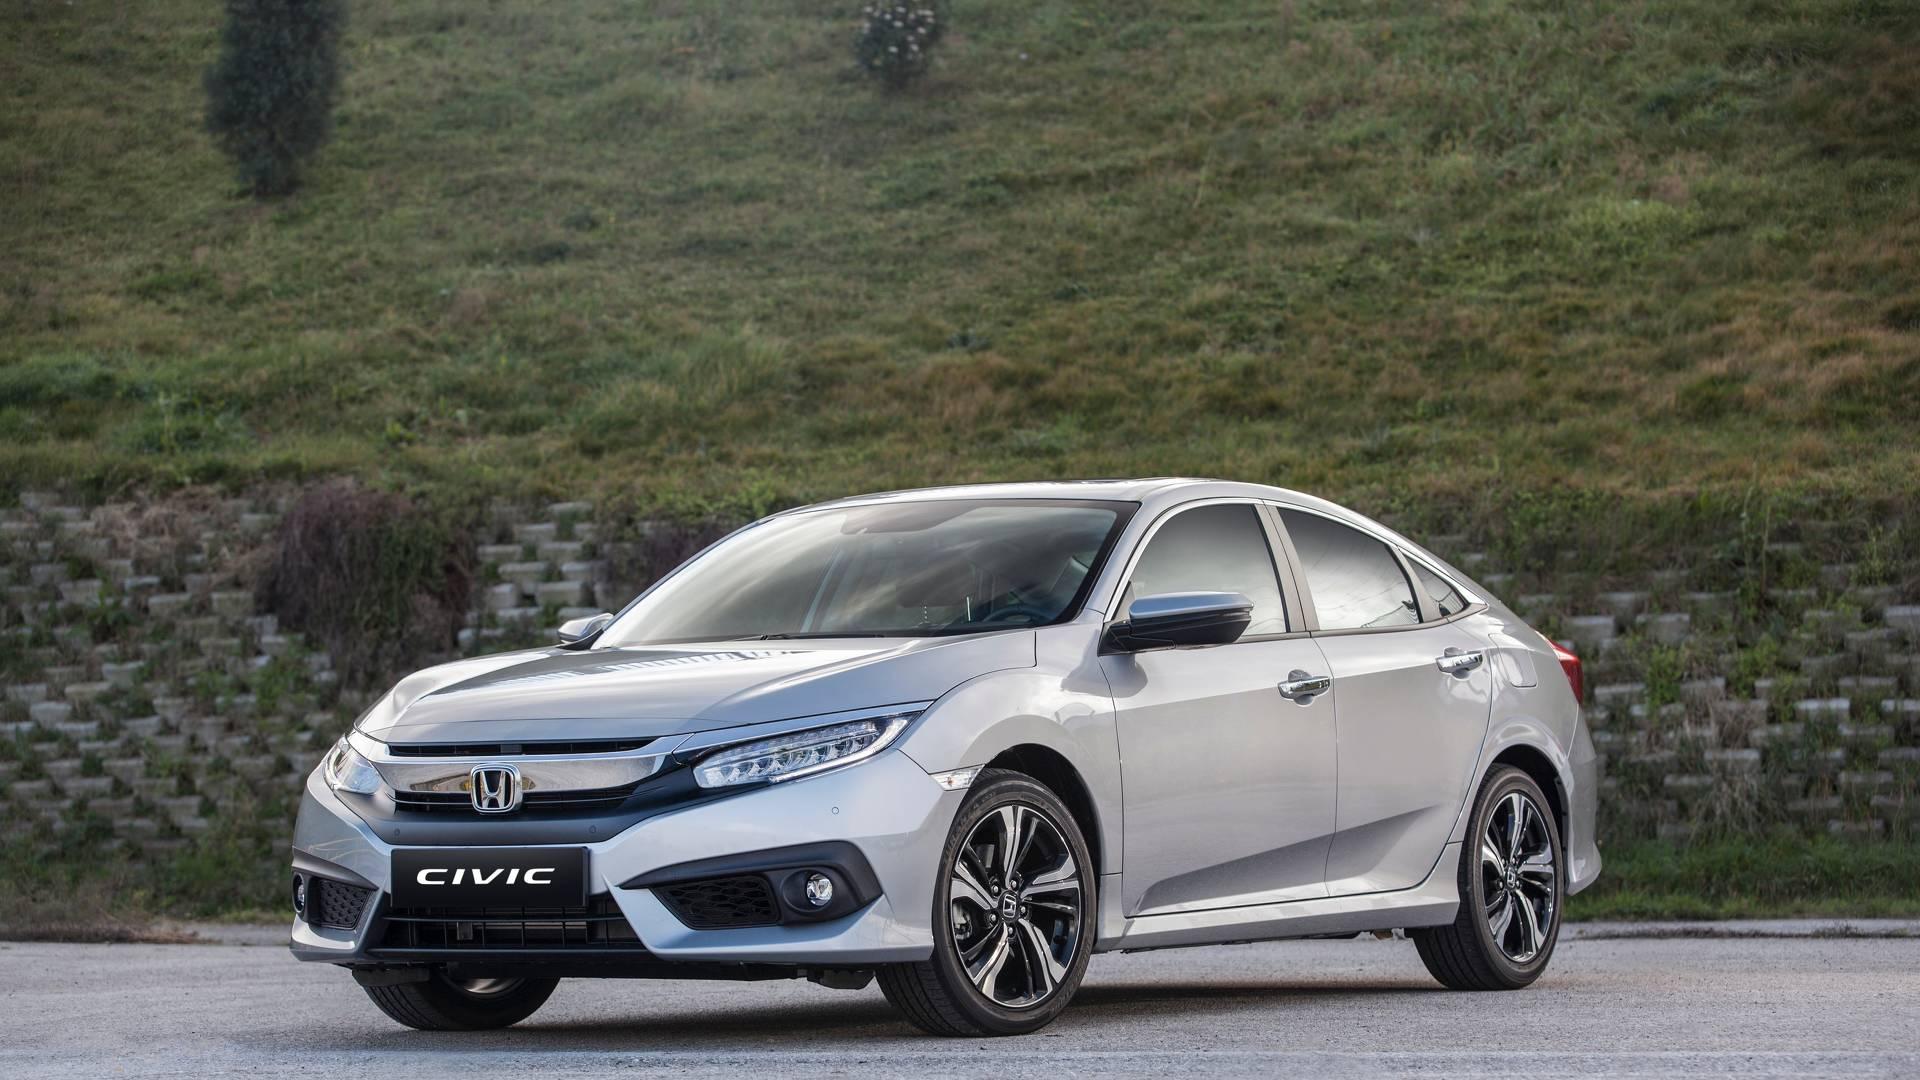 Honda Civicten Haziranda Sıfır Faiz Fırsatı